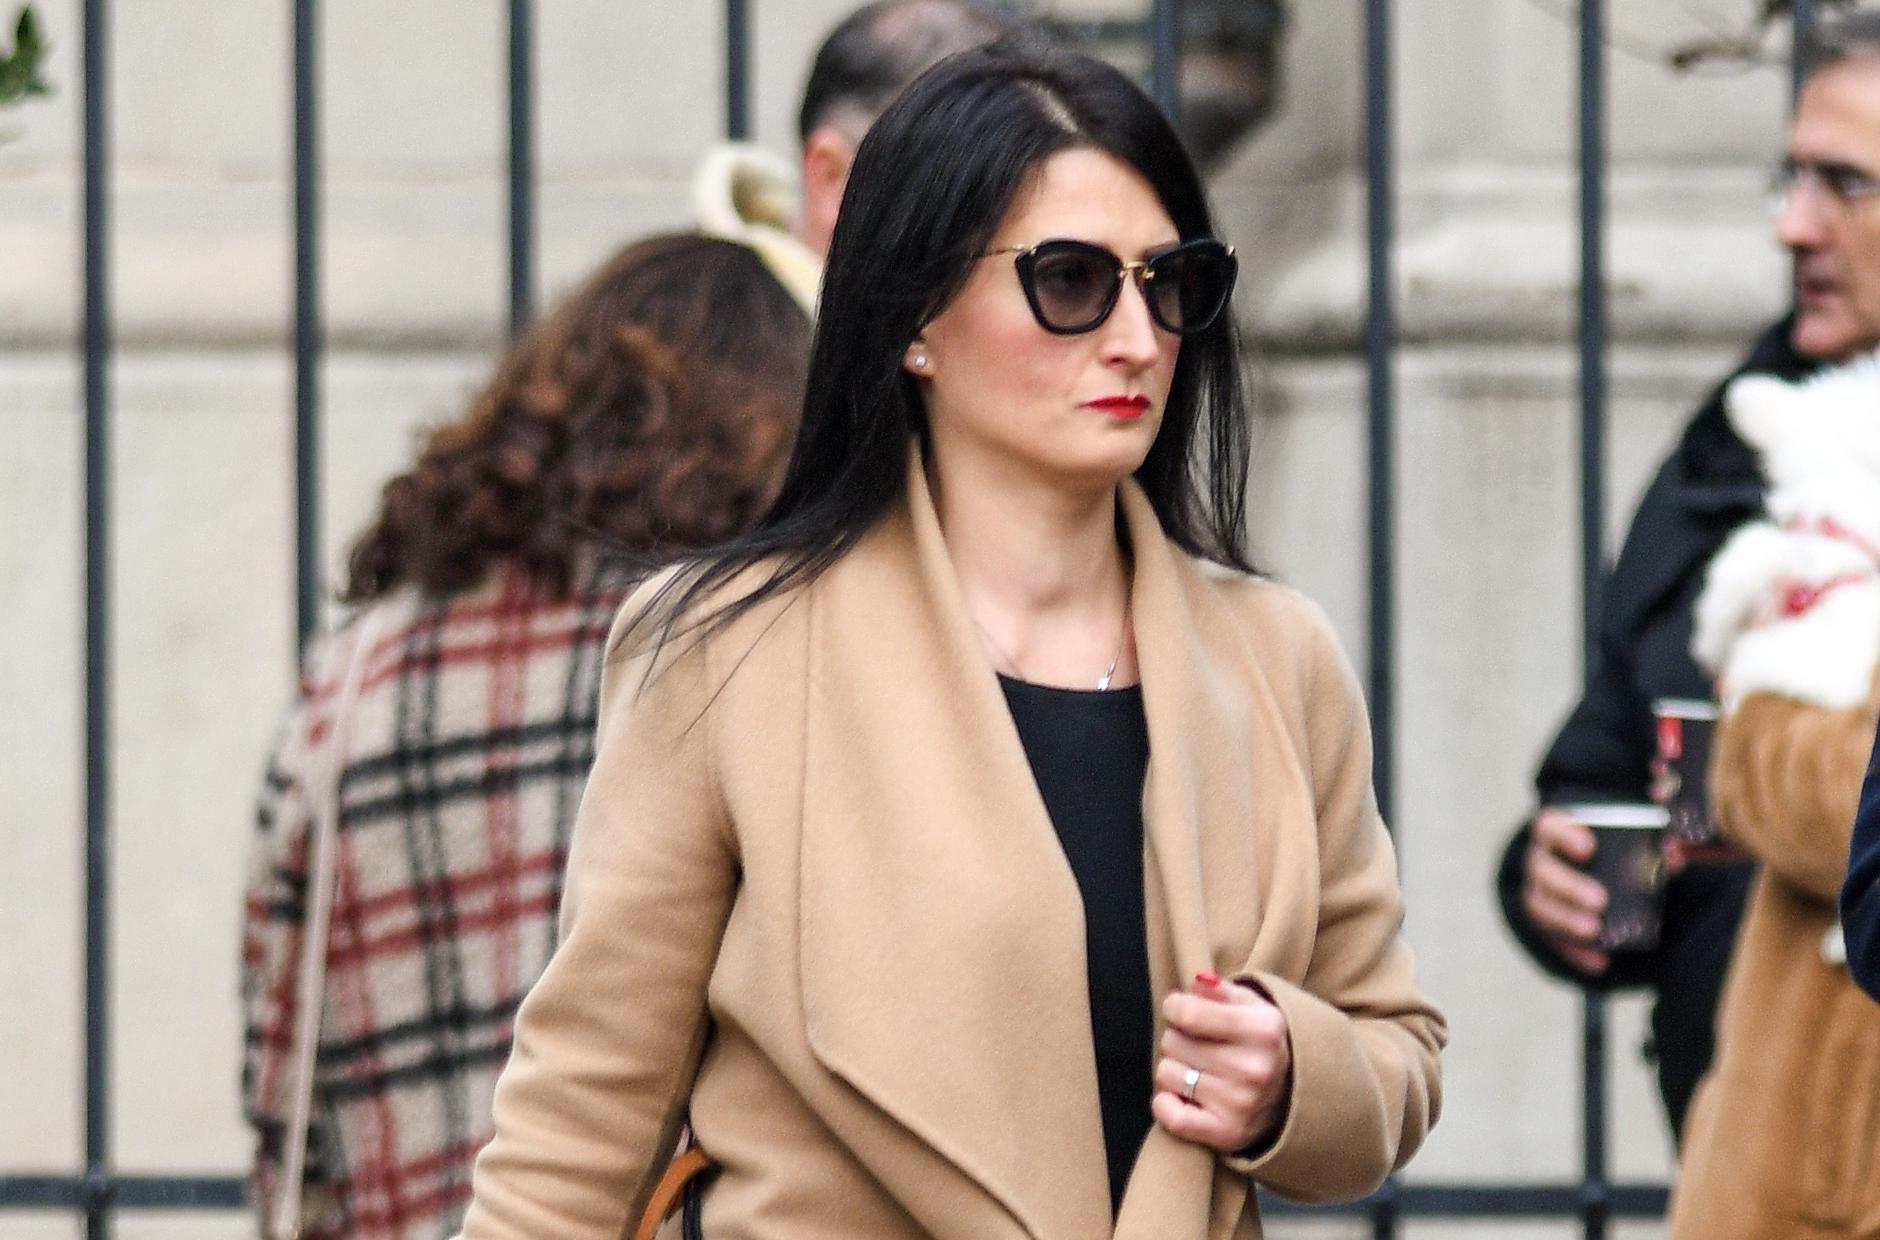 Atraktivna crnka jednim je detaljem osvježila cijeli outfit, a kaput poput njezinog odlična je investicija